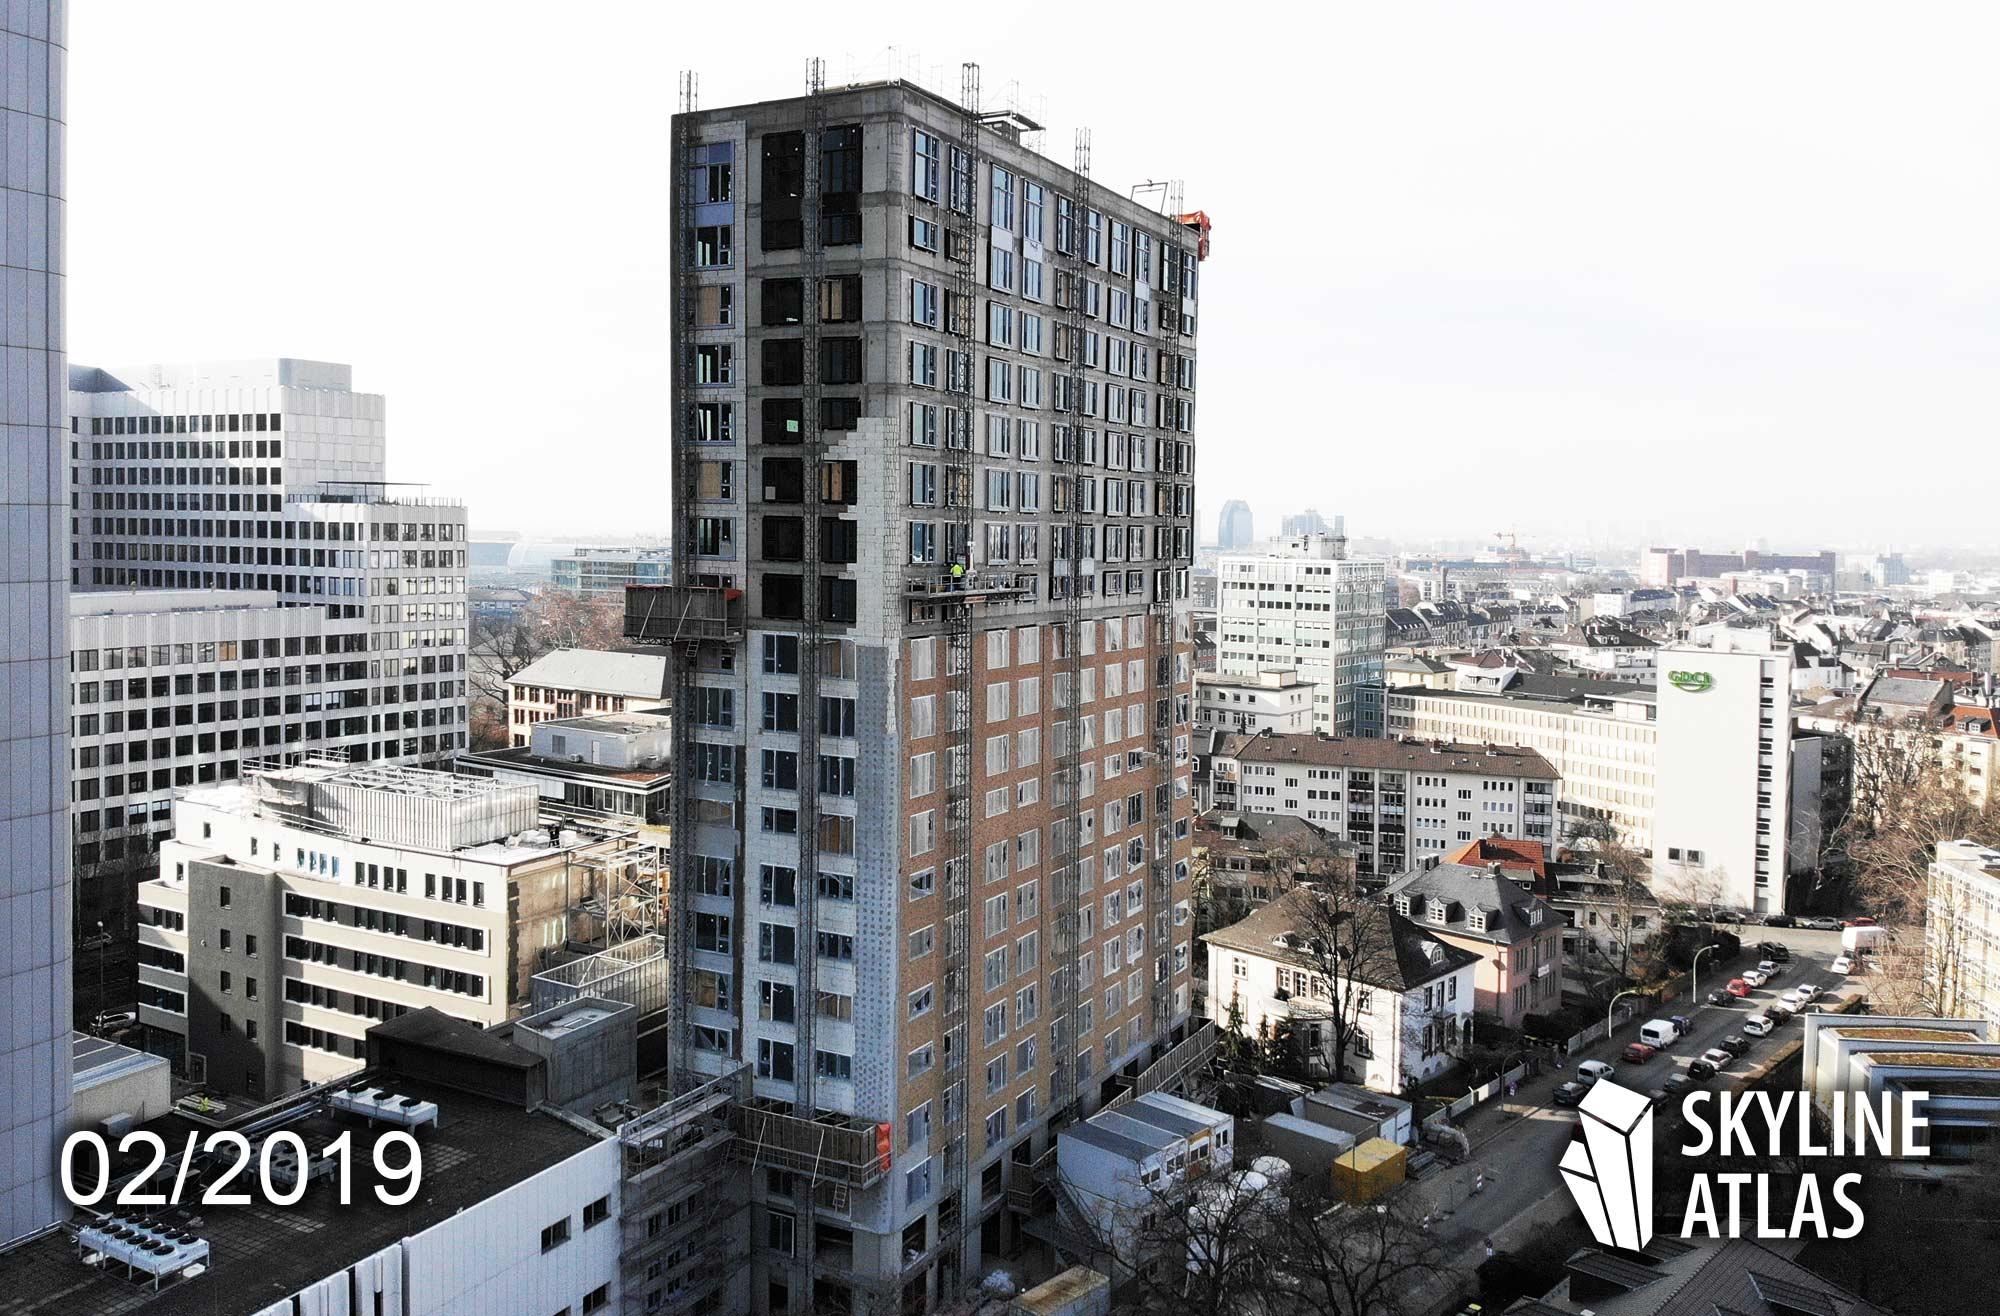 Blue Horizon in Frankfurt am Main - Baustelle im Februar 2019 - Wohnturm - Wohnhochhaus - Eigentumswohnungen - Projektentwickler Unmüssig